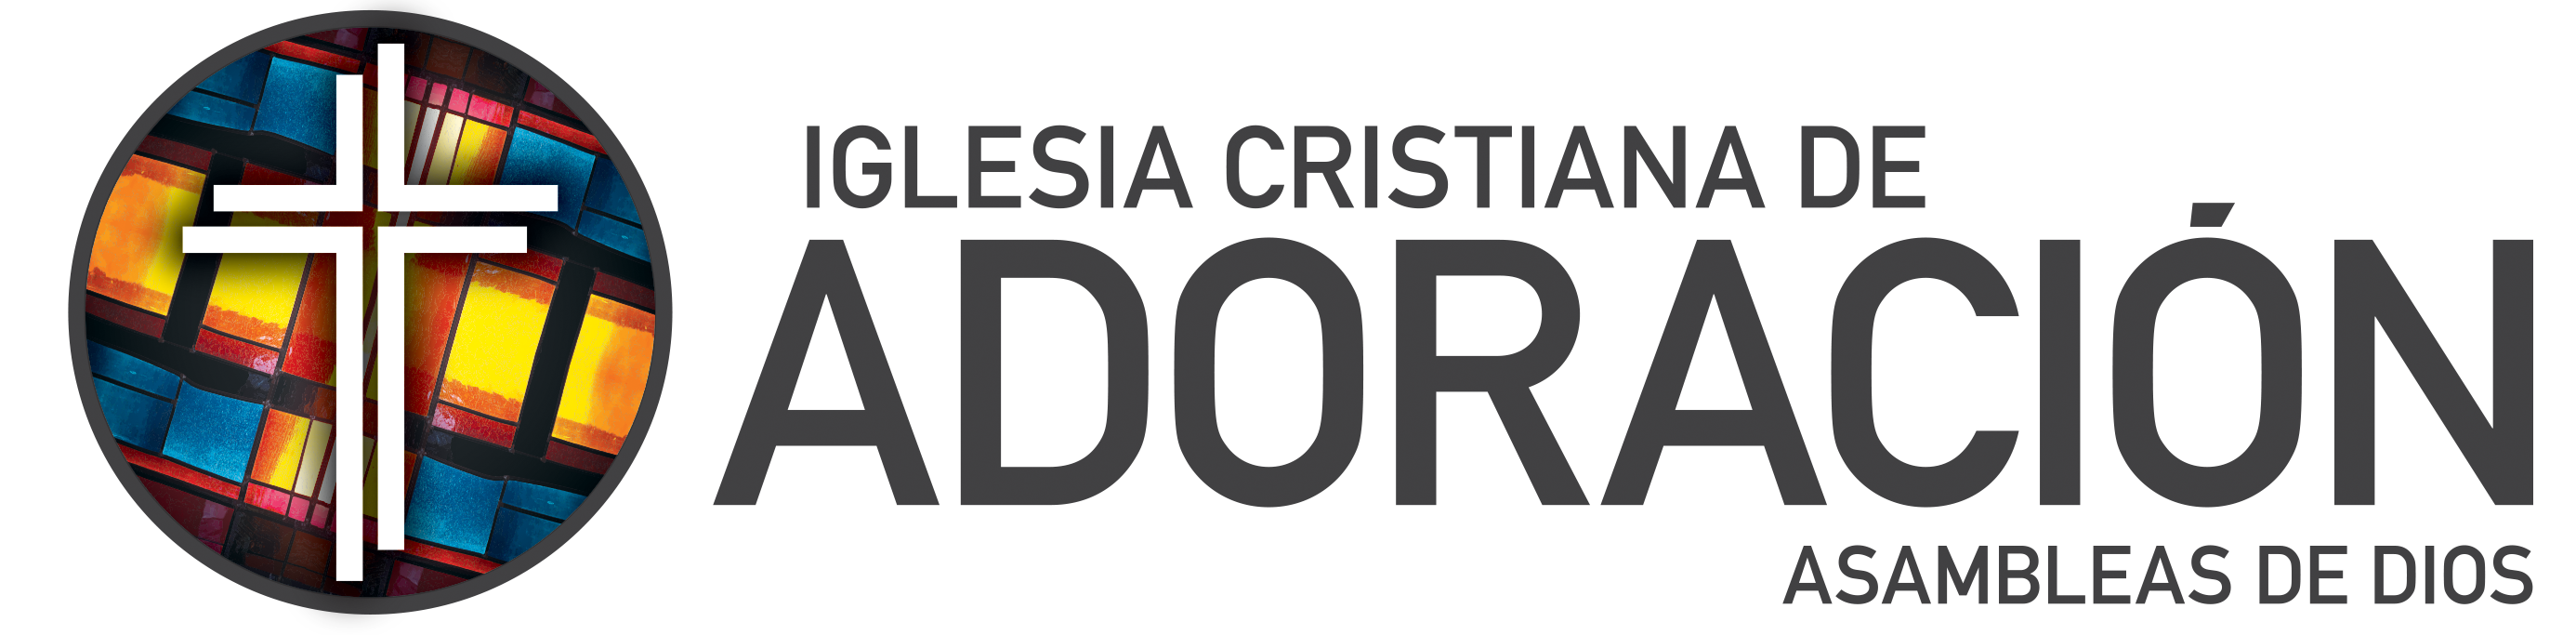 Iglesia Cristiana De Adoración